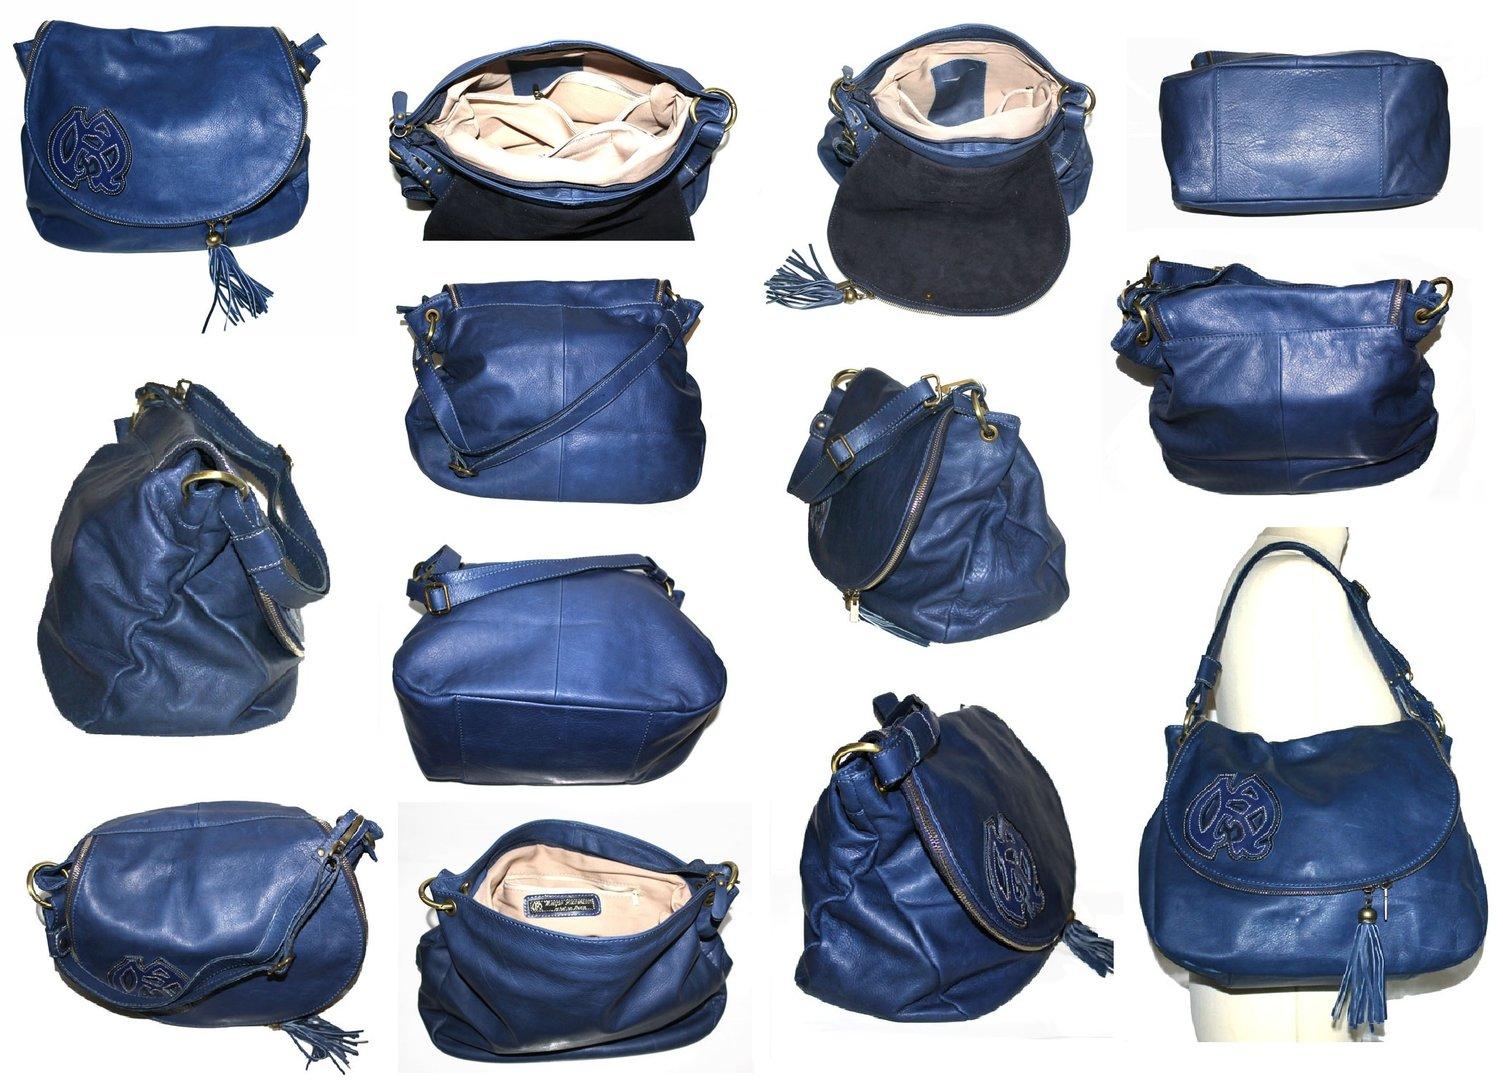 ... sac à main grand modèle L besace fantaisies fleurs en cuir daim bleu  électrique ... bfe2ff818b9c